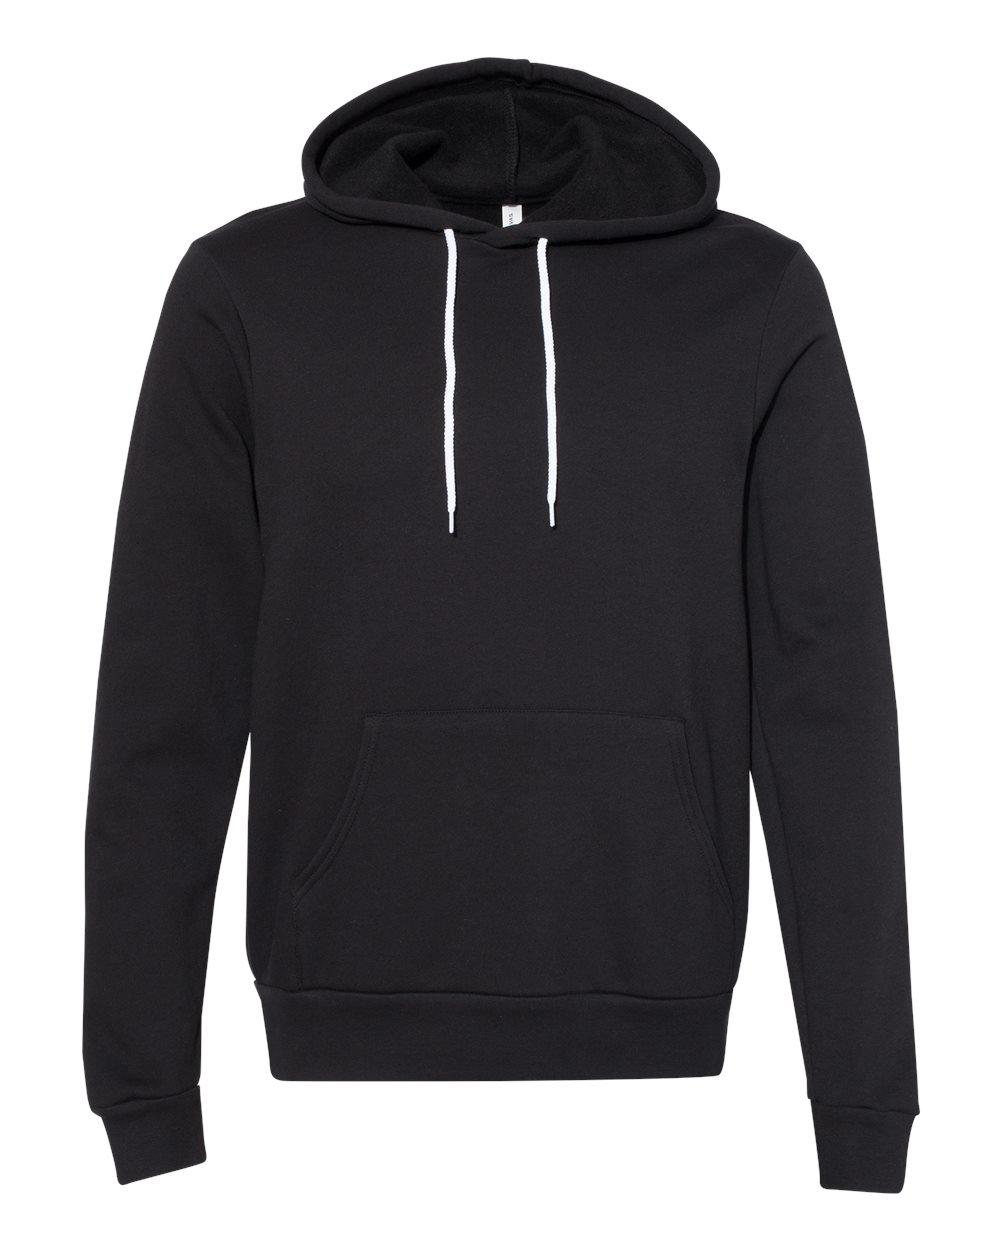 BELLA & CANVAS Customizable Hoodie in Black